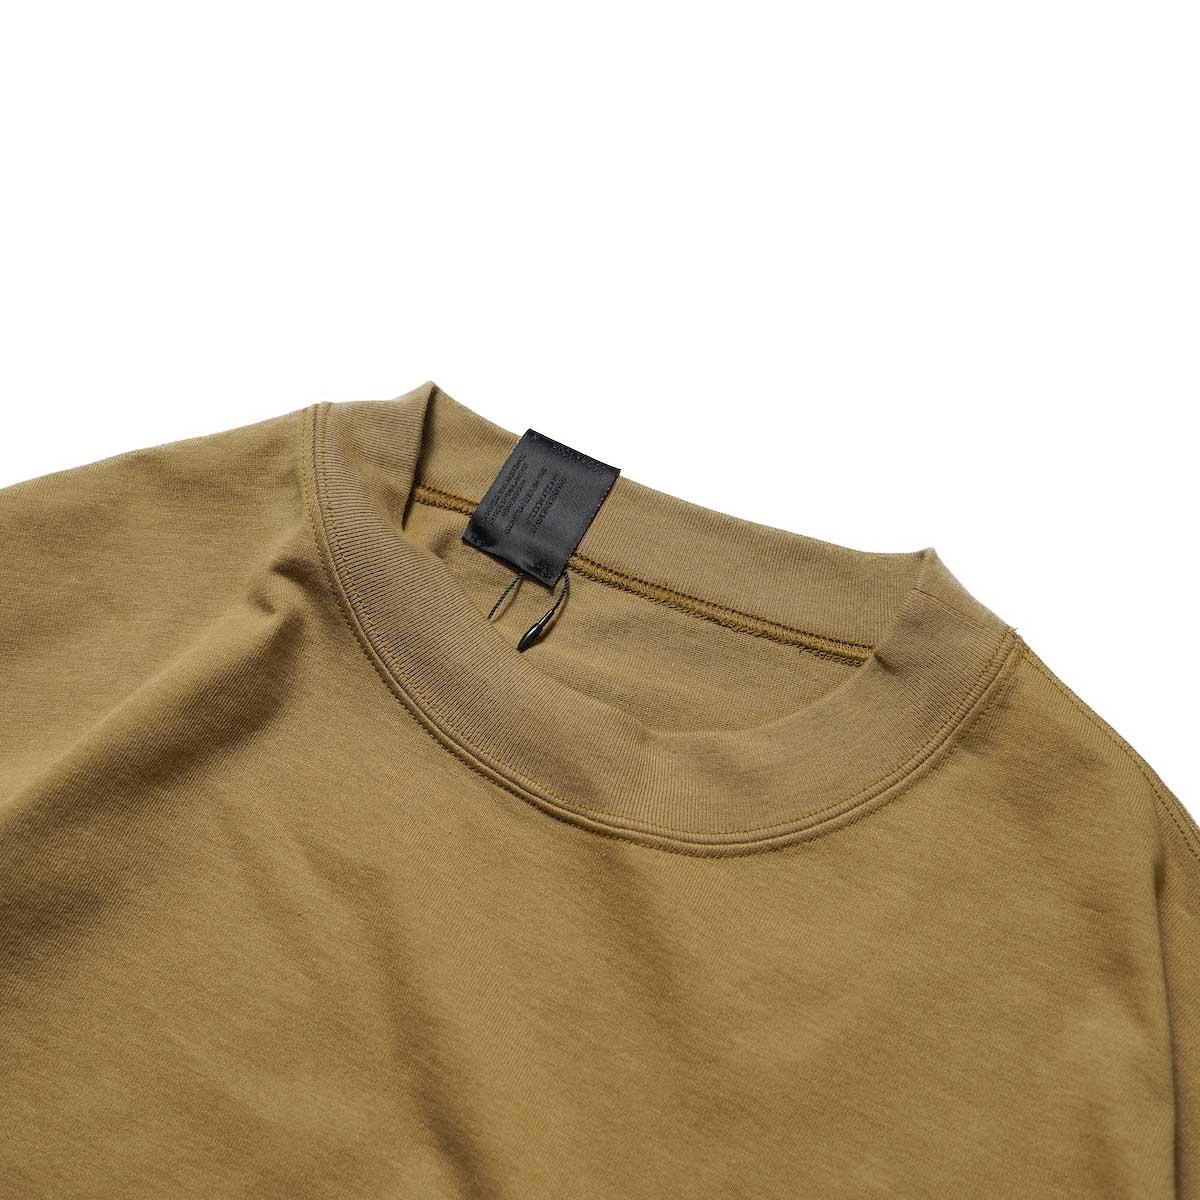 N.HOOLYWOOD / 2212-CS07-018 BIG T-Shirt (Beige)襟